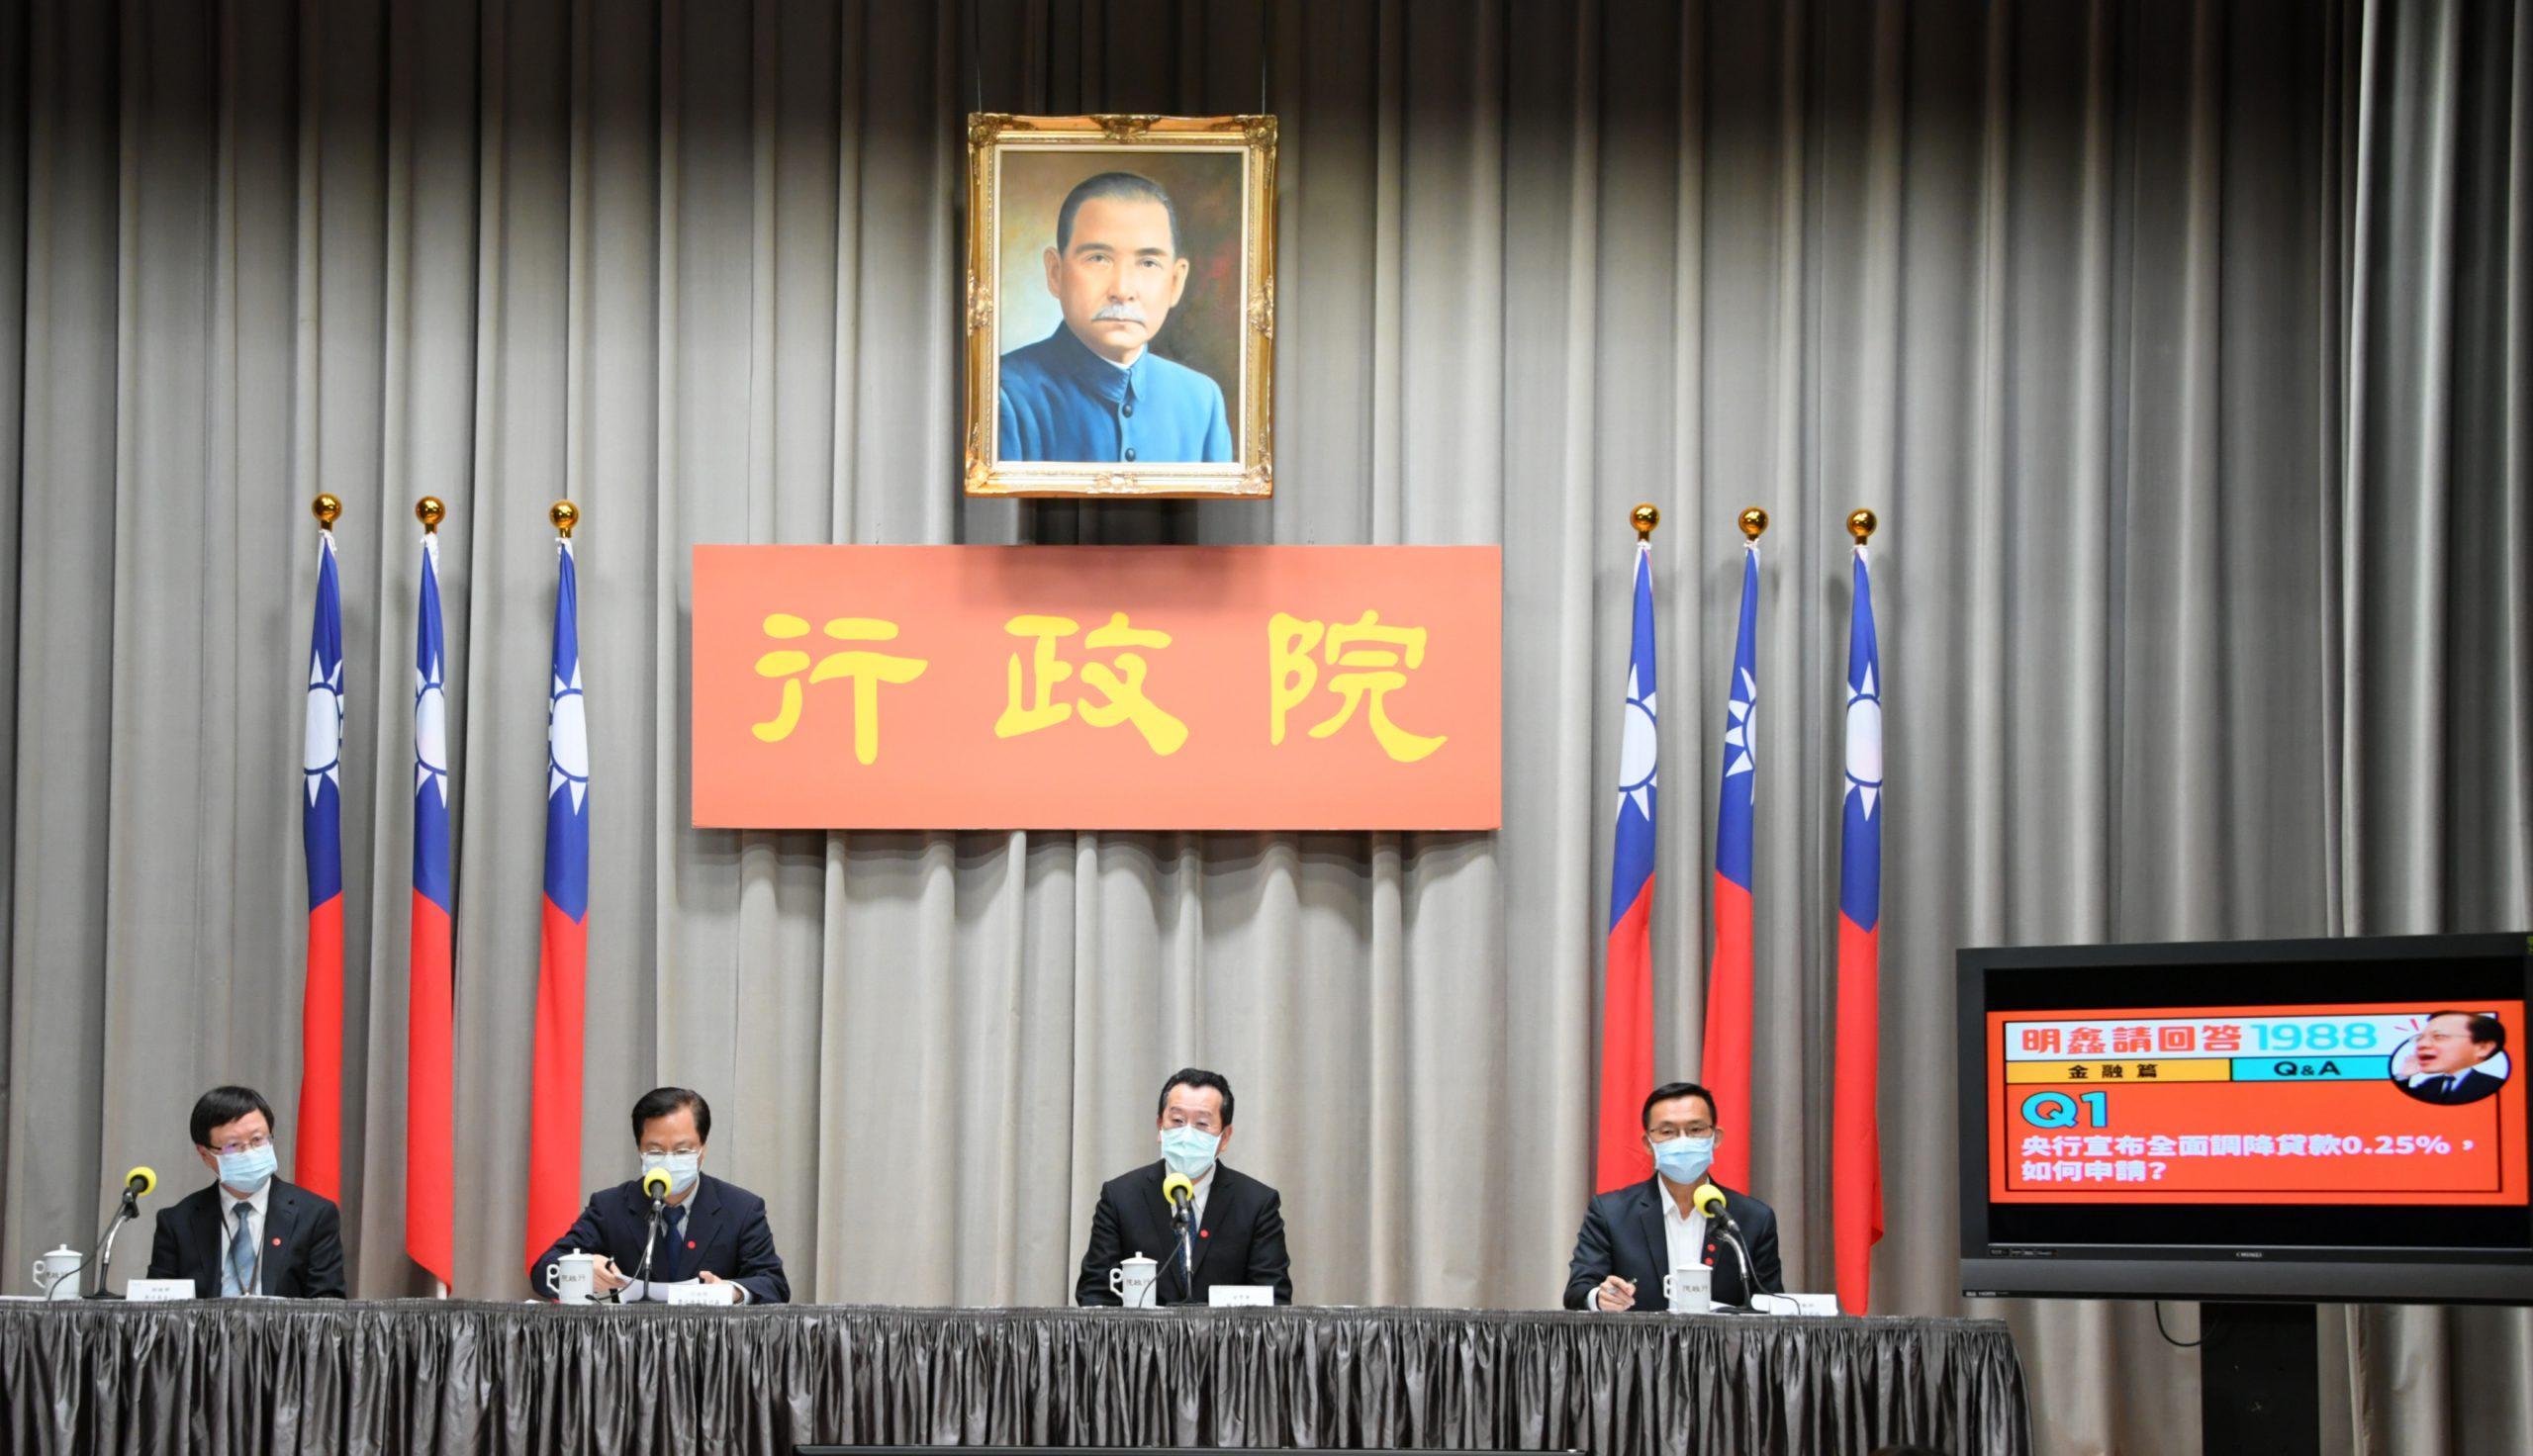 行政院召開個人紓困方案說明記者會